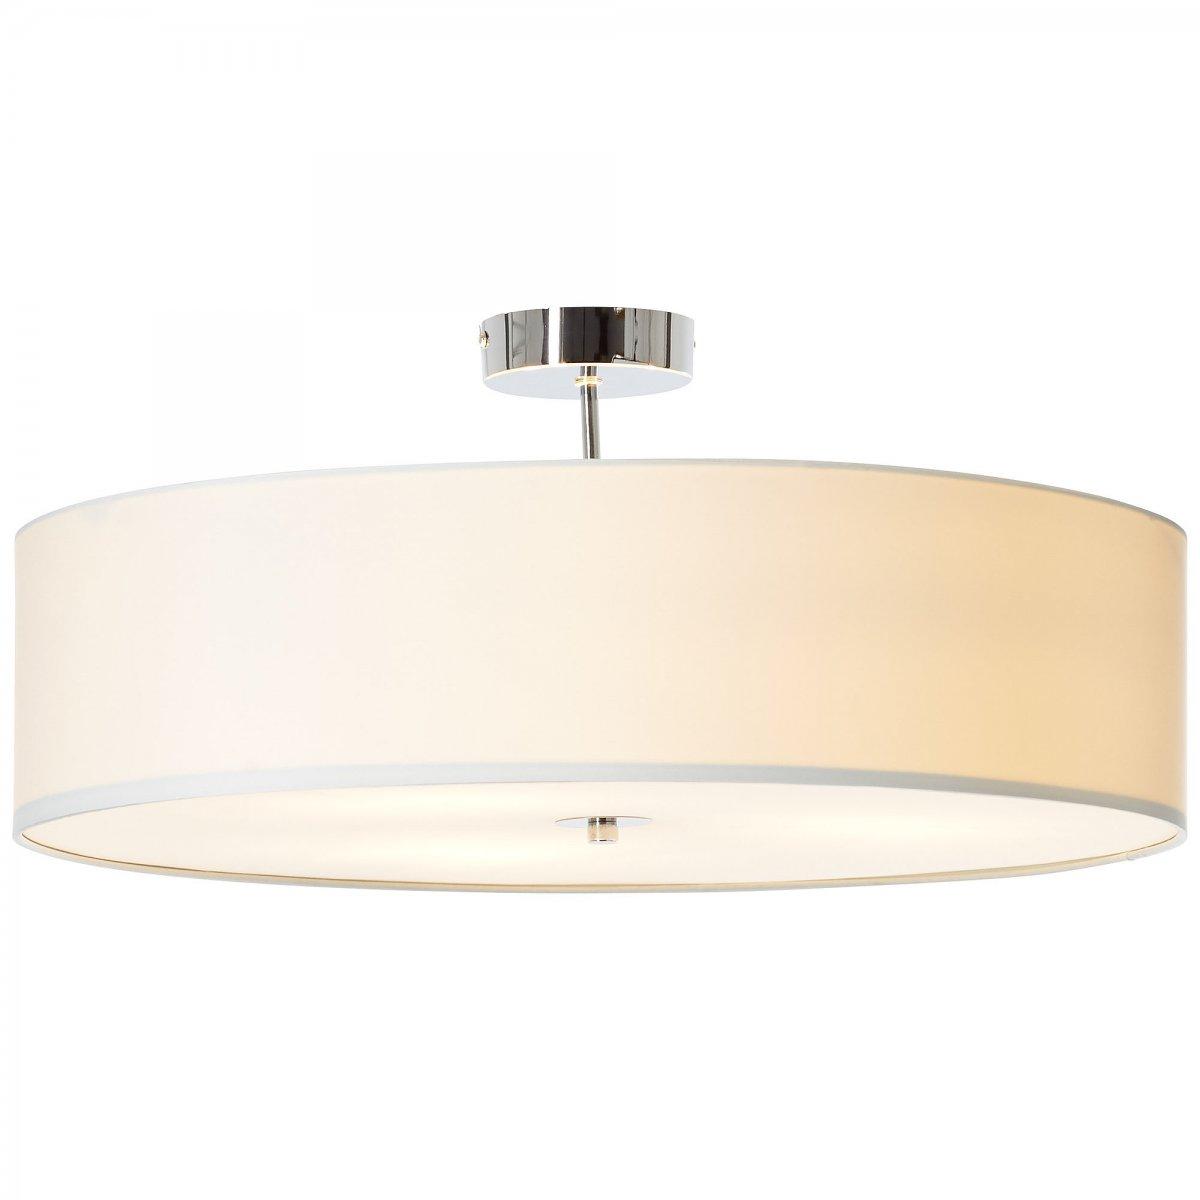 brilliant leuchten no 93522 05 deckenleuchte andria 3 flammig wei chrom eur 72 58. Black Bedroom Furniture Sets. Home Design Ideas